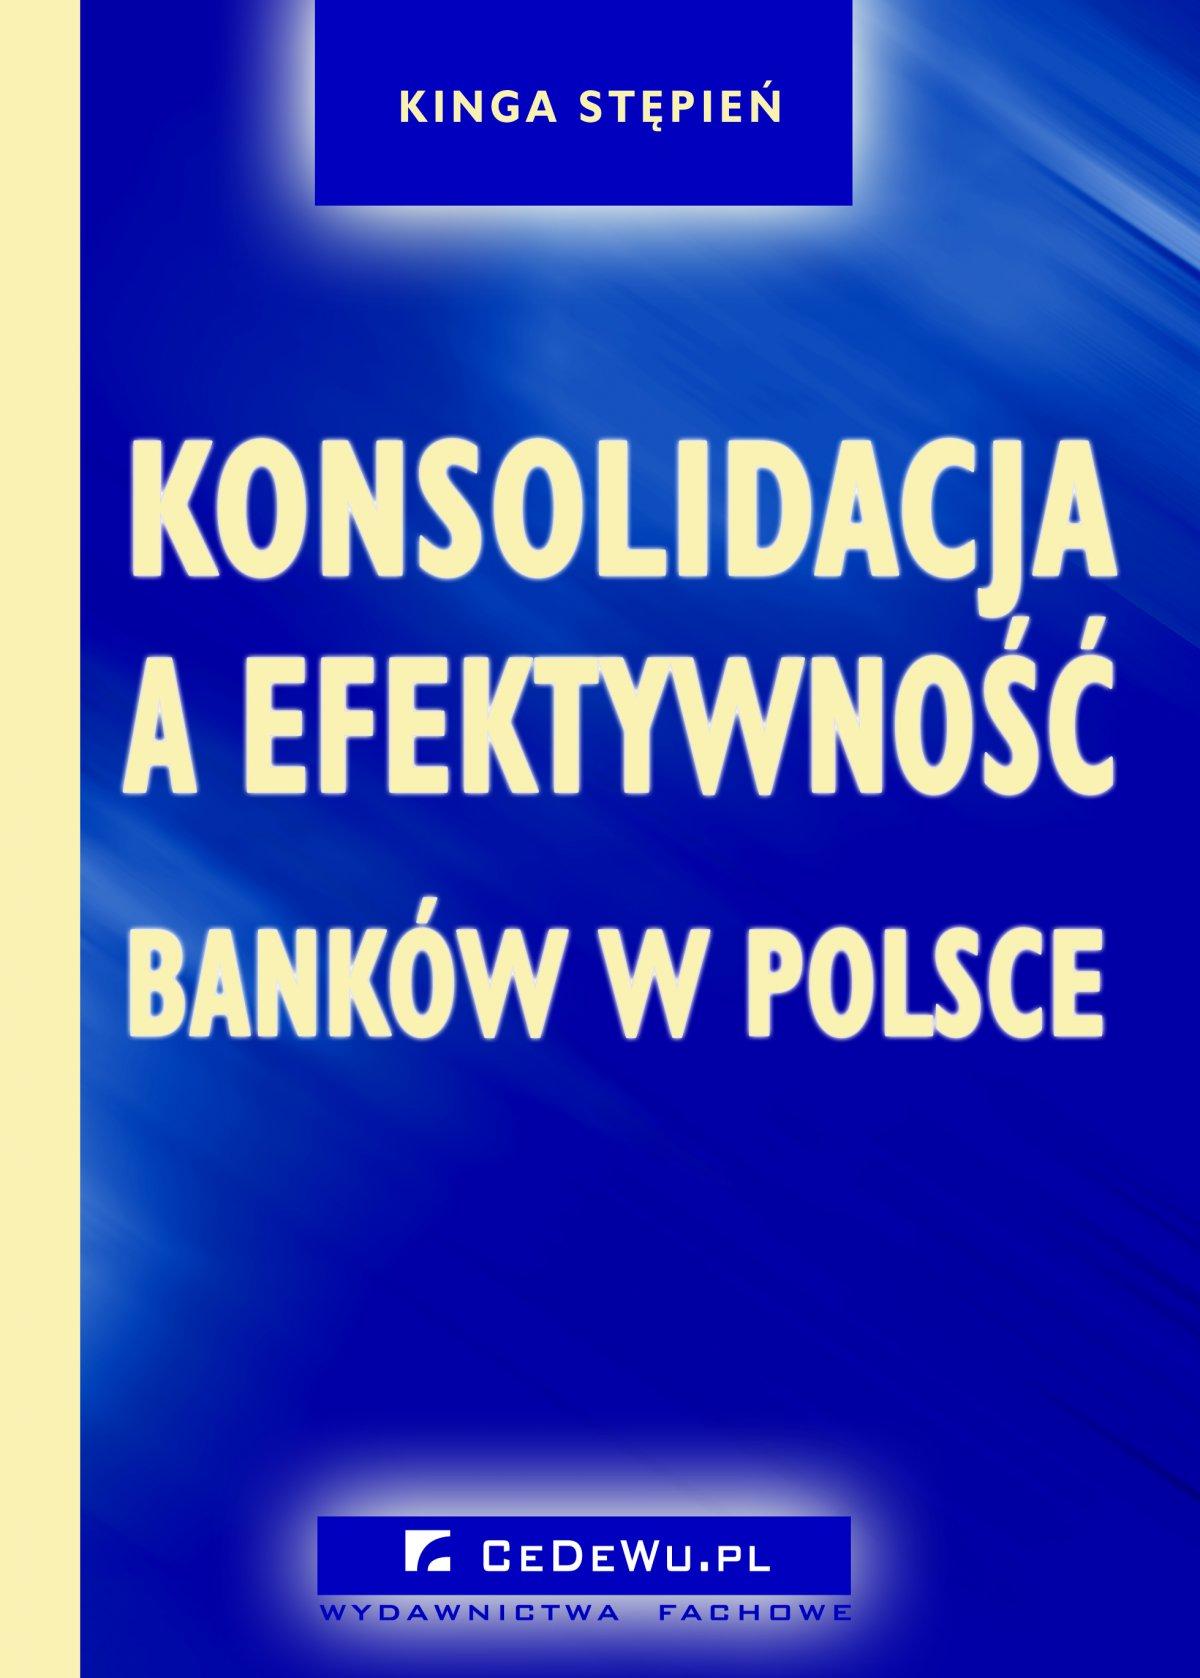 Konsolidacja a efektywność banków w Polsce. Rozdział 4. PRZEBIEG PROCESU KONSOLIDACJI W WYBRANYCH KRAJACH - Ebook (Książka PDF) do pobrania w formacie PDF